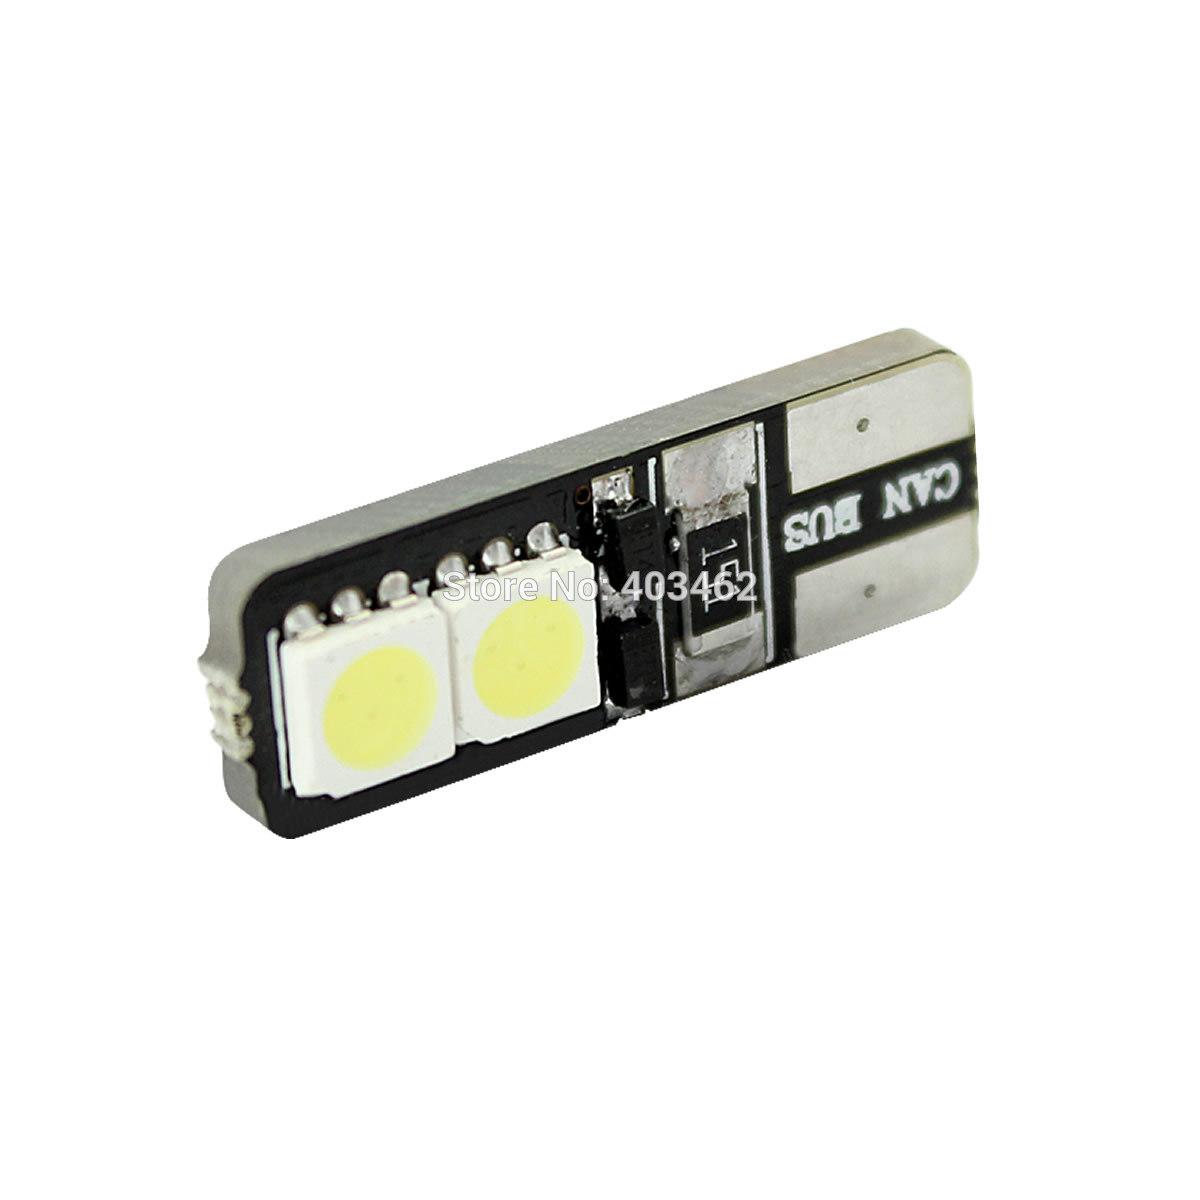 Источник света для авто Junce T10 4/smd 5050 CANBUS источник света для авто sd 18smd 5050 t10 ba9s w5w c5w t4w 12v